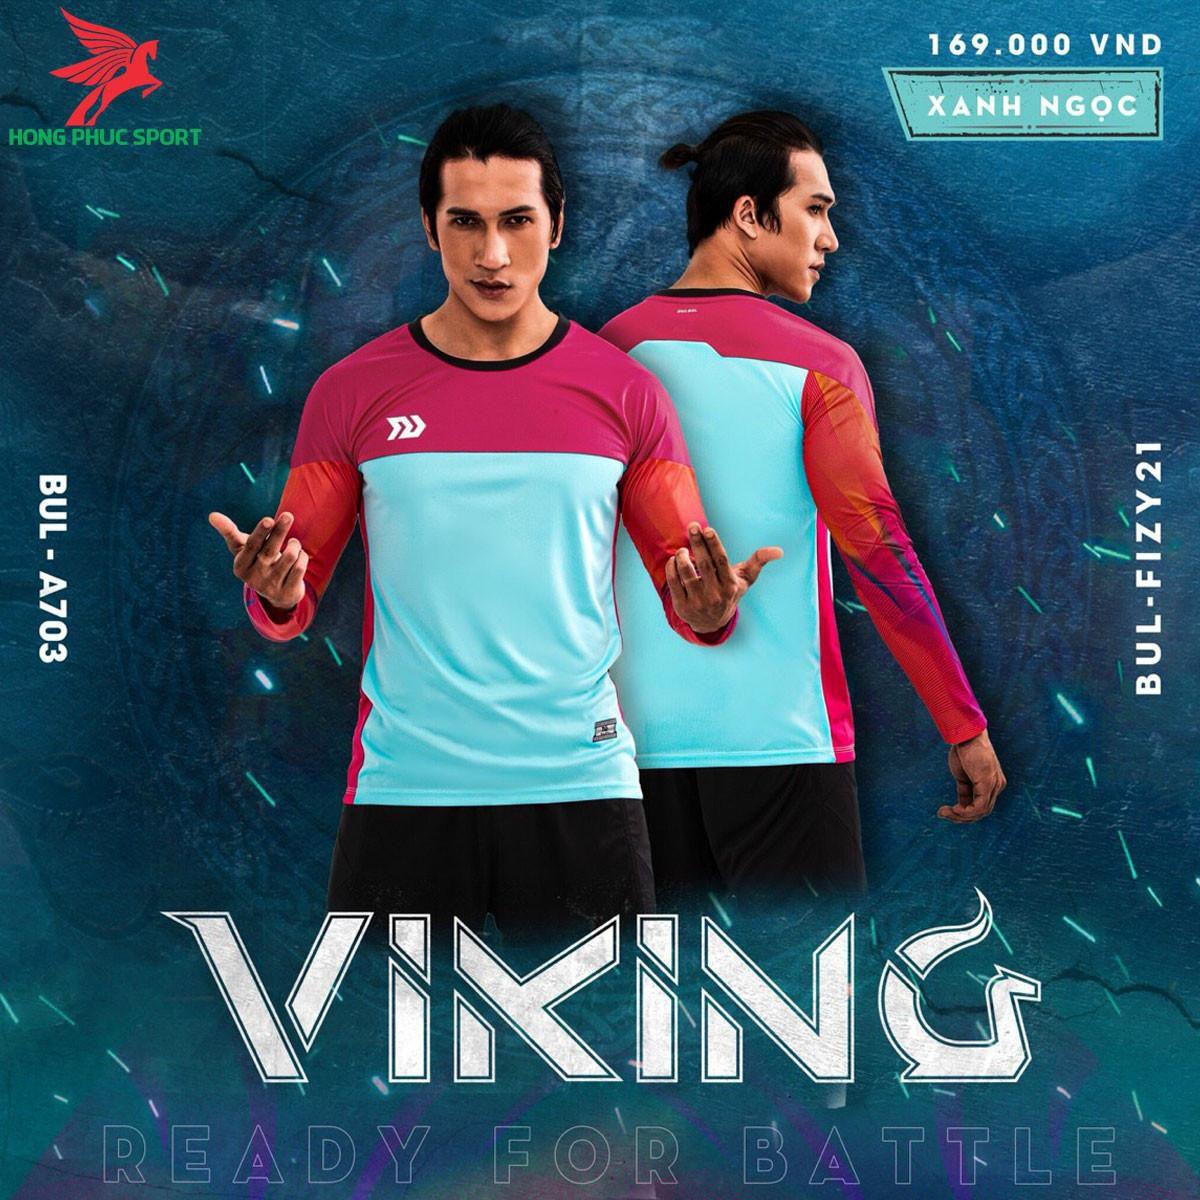 https://cdn.hongphucsport.com/unsafe/s4.shopbay.vn/files/285/ao-thu-mon-khong-logo-bulbal-viking-mau-xanh-ngoc-60515f96972b1.jpg